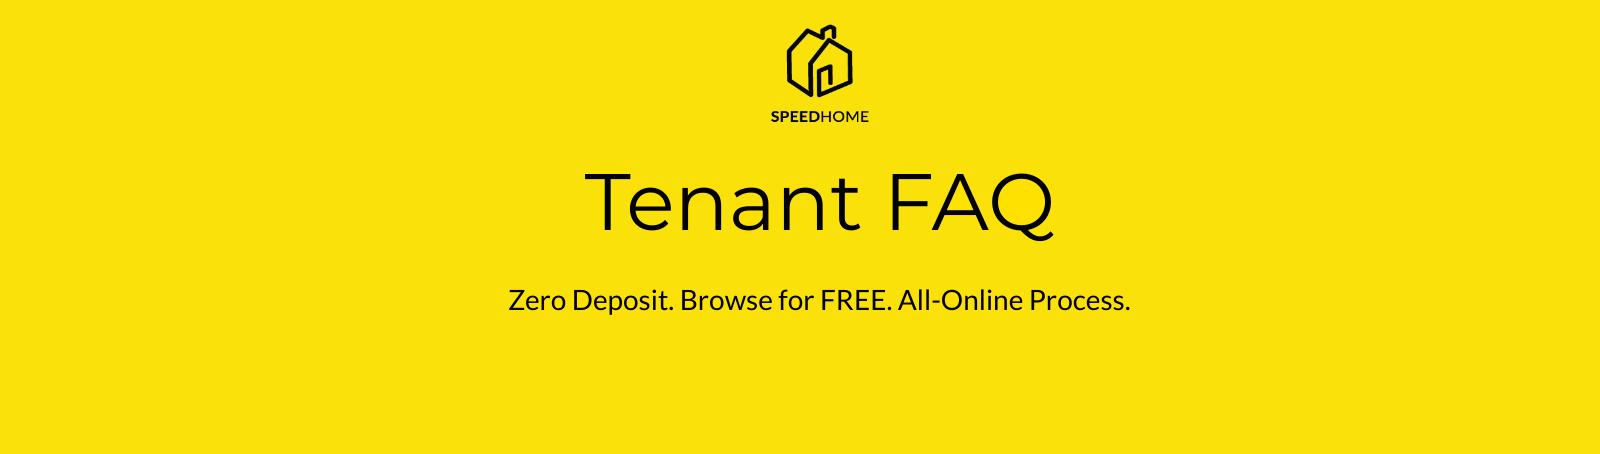 Tenant FAQ